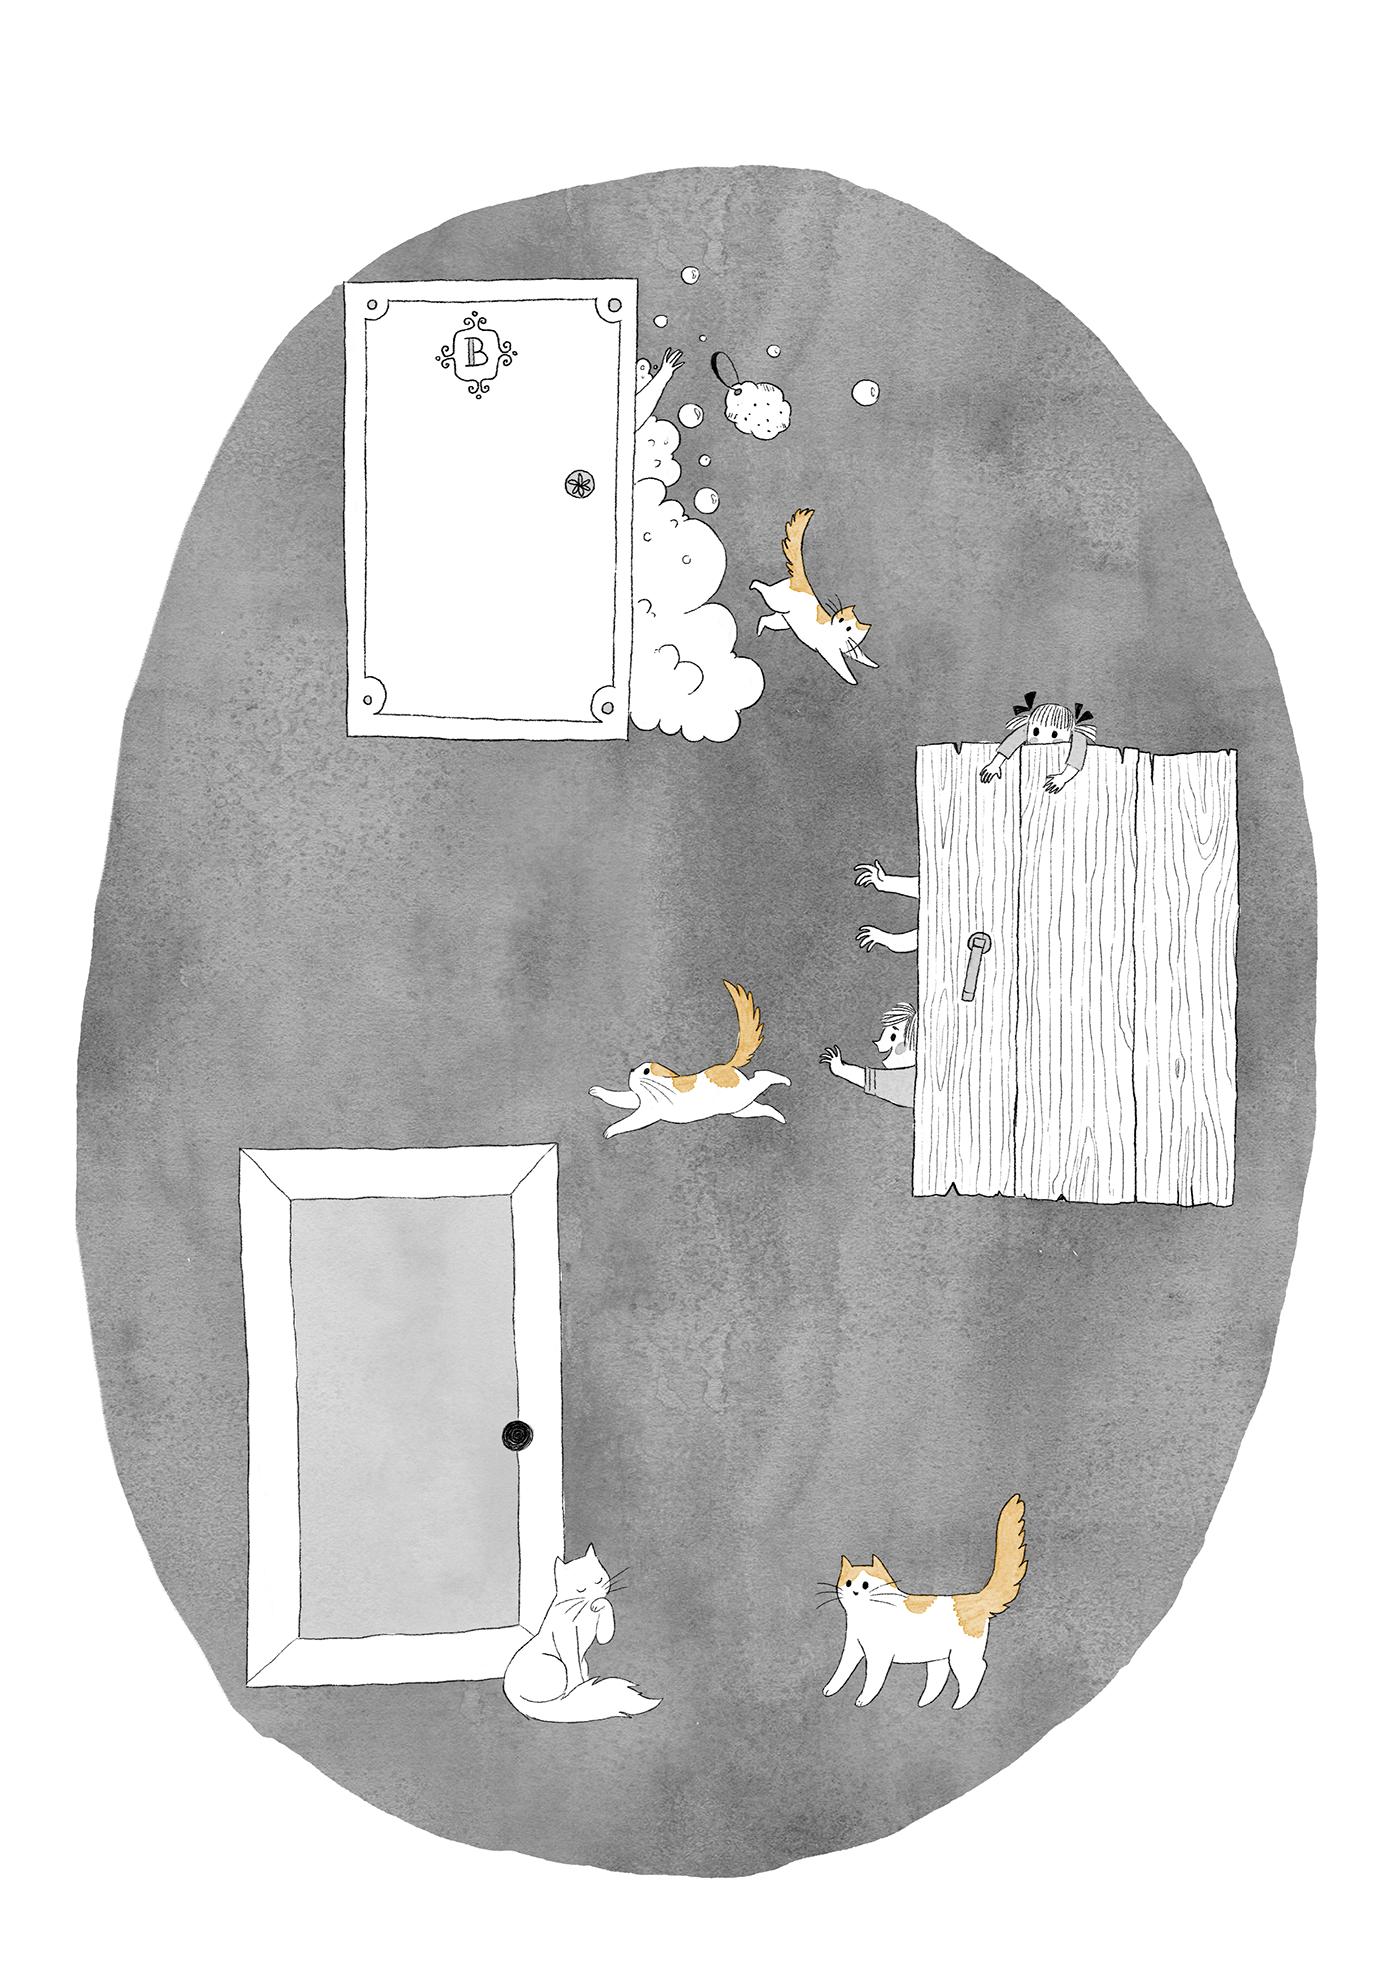 Одна из иллюстраций к книге. Это к вопросу о перипетиях: предпочитаю не попадать в них в одиночестве, а тащить кого-то за собой — так коту пришлось помучиться в ужасно мокрой ванной комнате